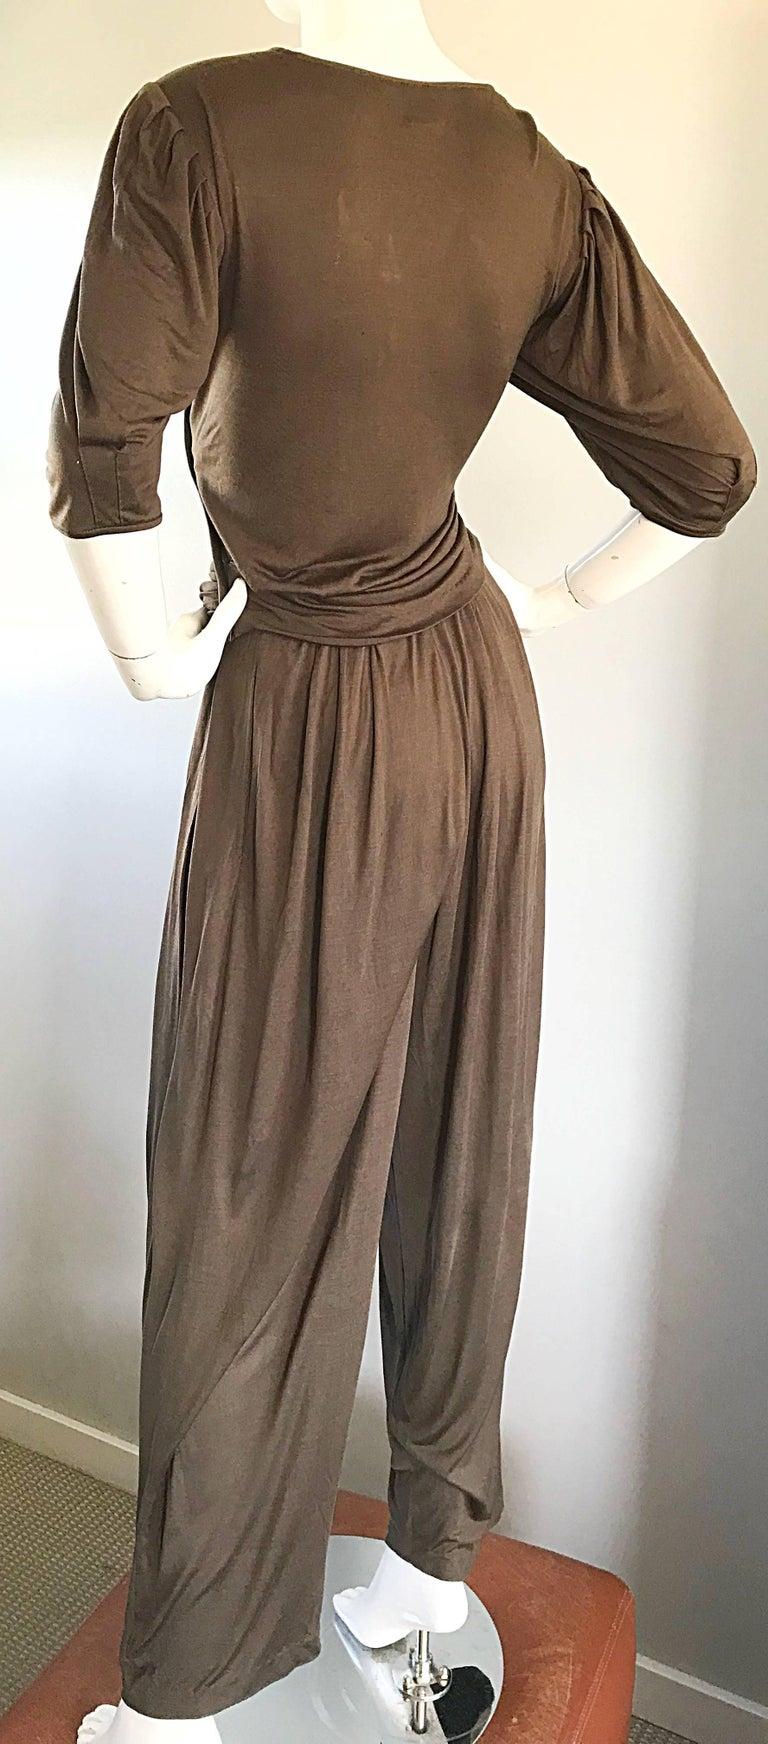 Vintage Emanuel Ungaro Silk Jersey Taupe Two Piece Harem Pants Ensemble Pant Set For Sale 3